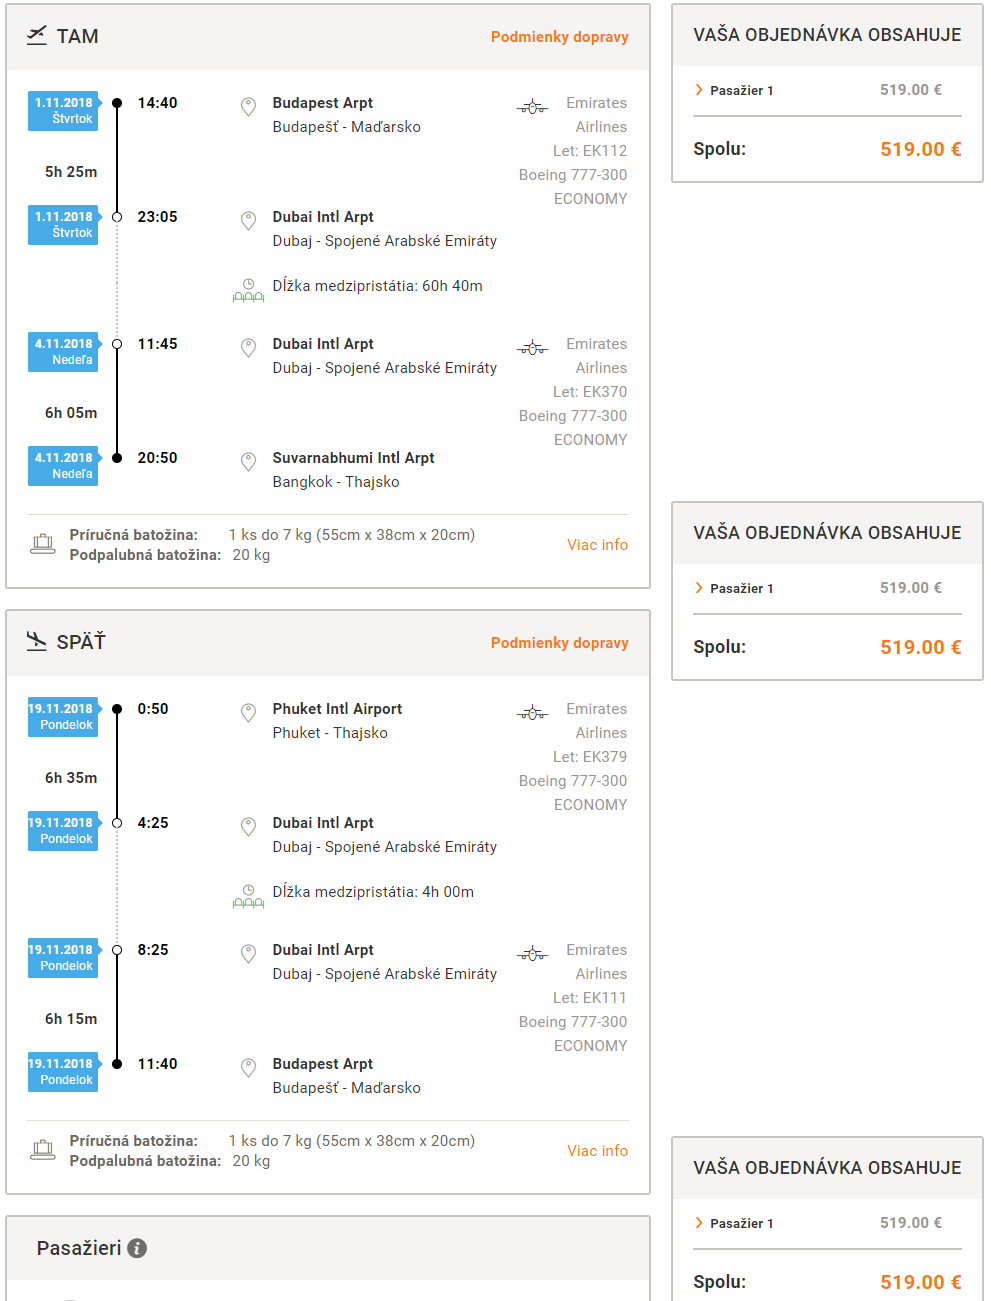 Dubaj, Bangkok a Phuket v rámci jednej cesty aj cez Vianoce s let.spoločnosťou Emirates od 519 eur